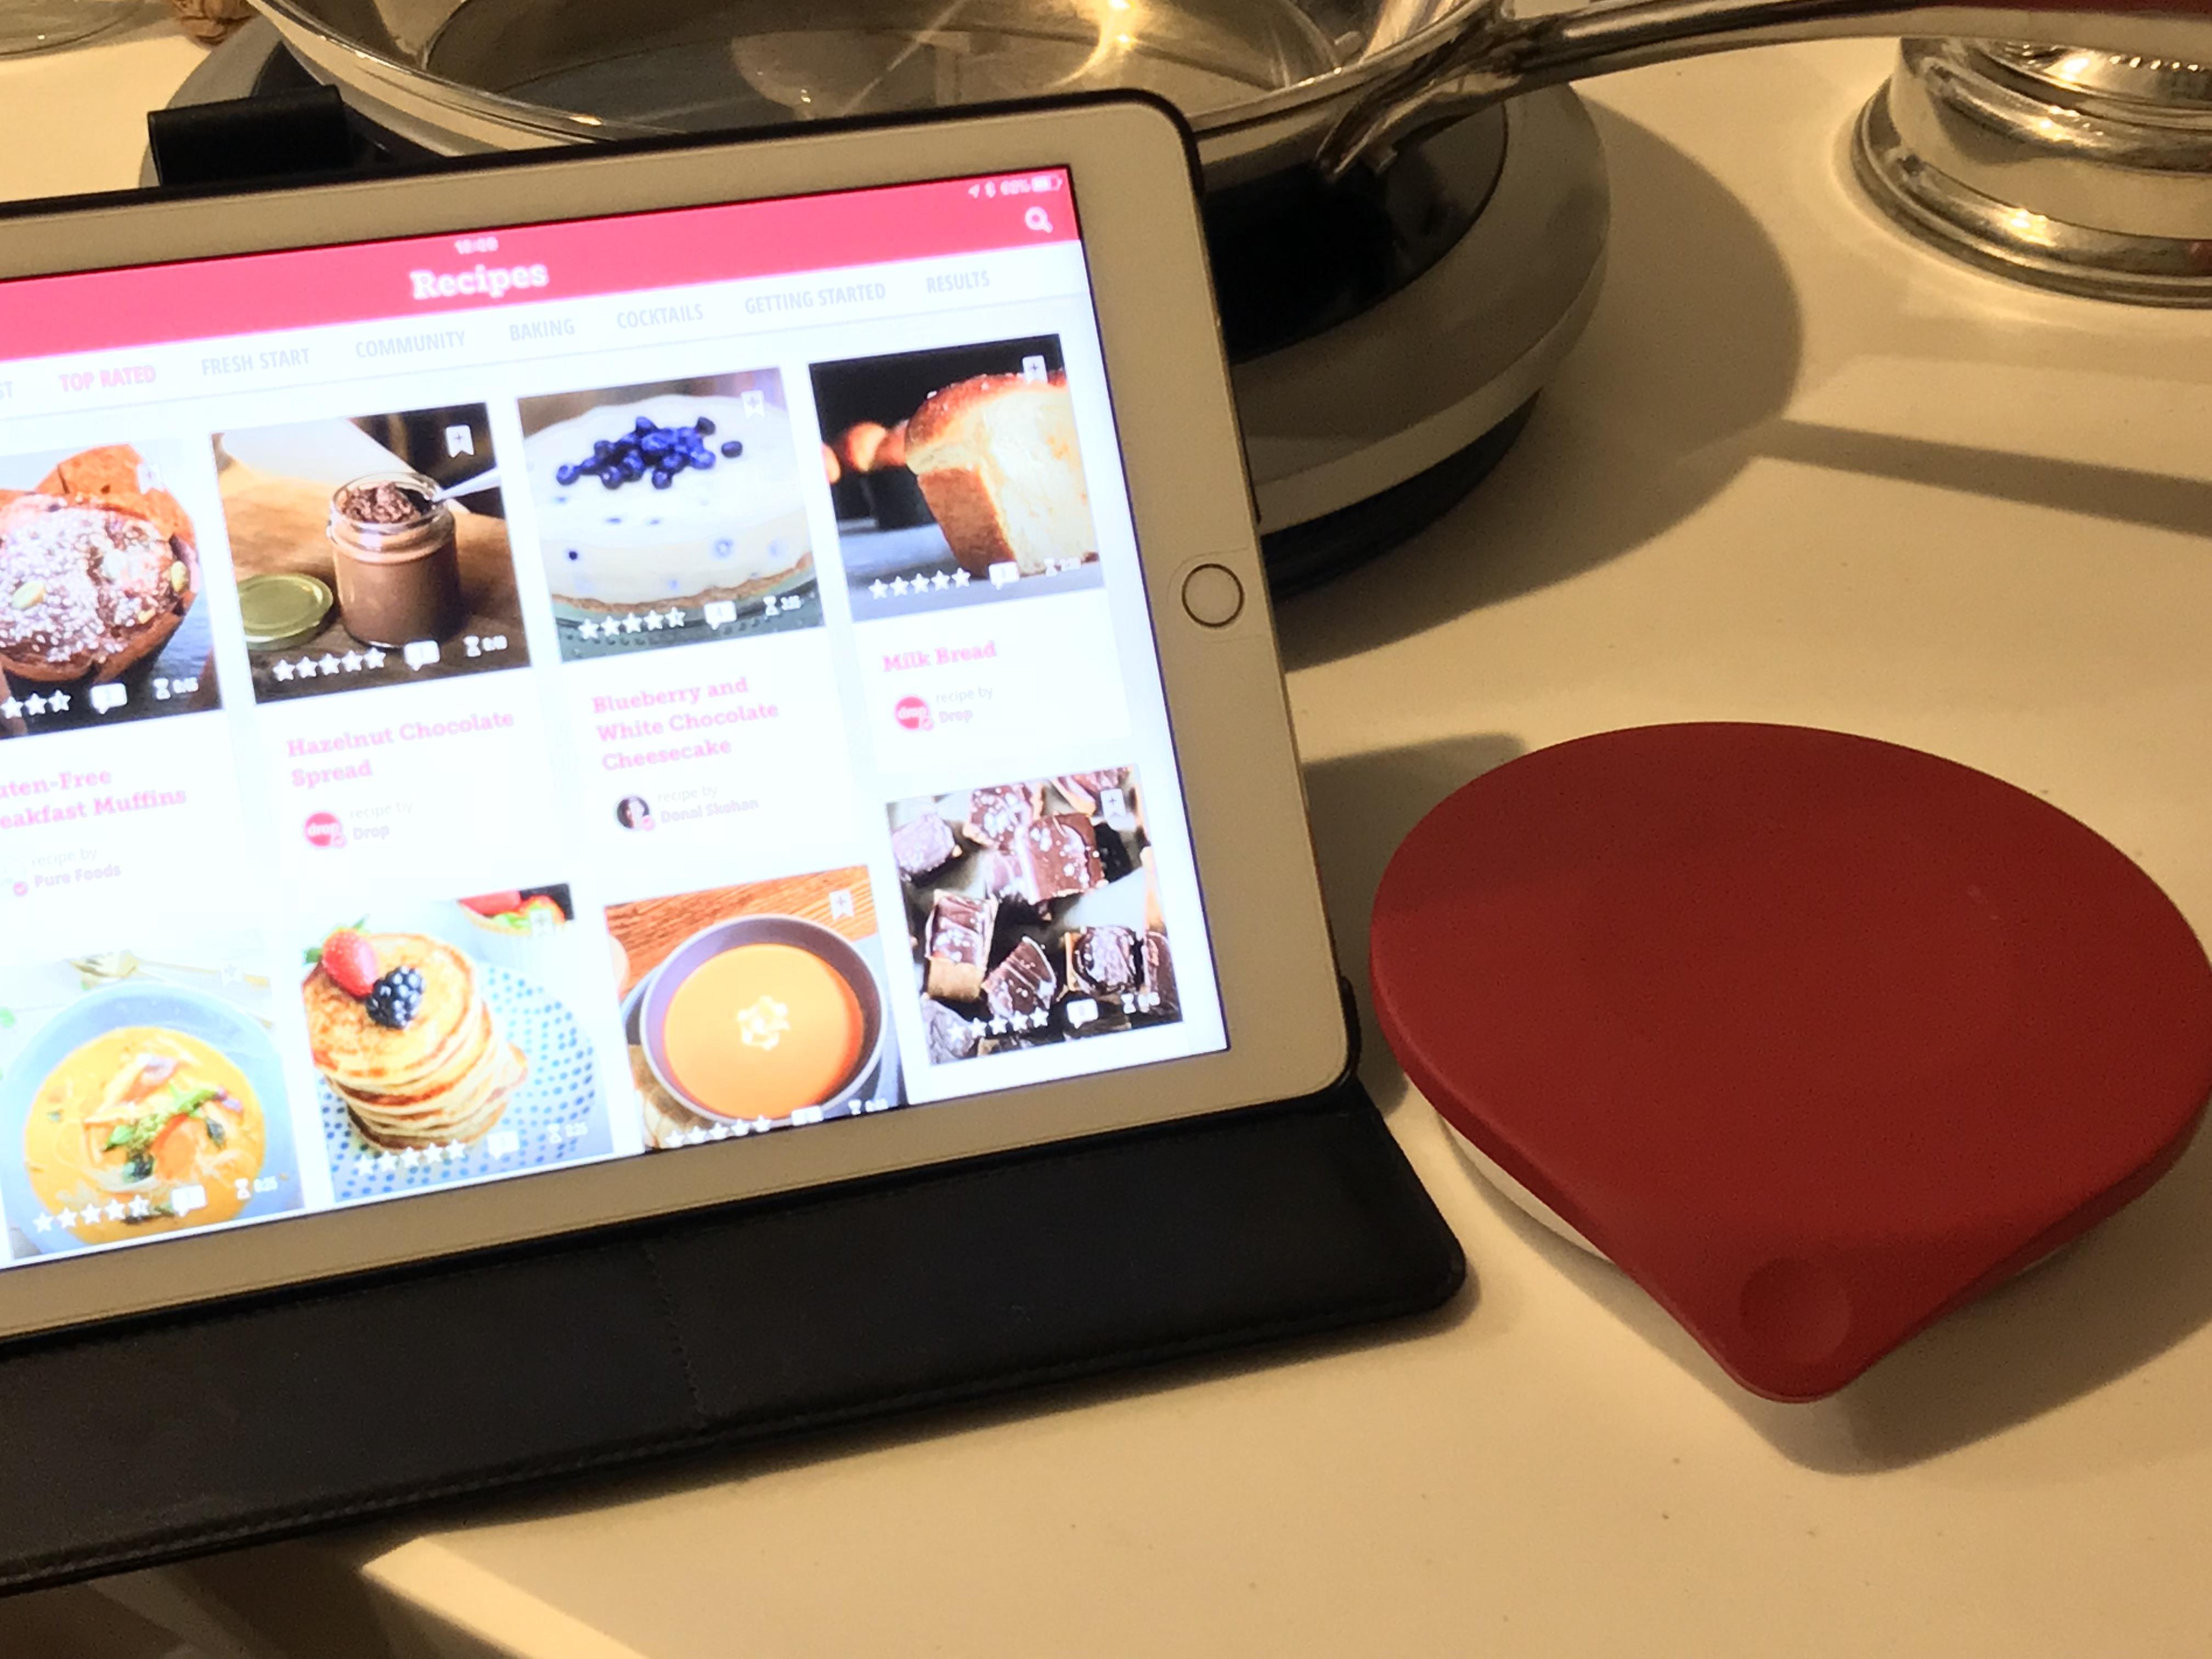 日本発売前の最新 スマート家電 : IOT家電 を オープンハウス、ソフトバンクの「MASACASA!」で体験 飲み物